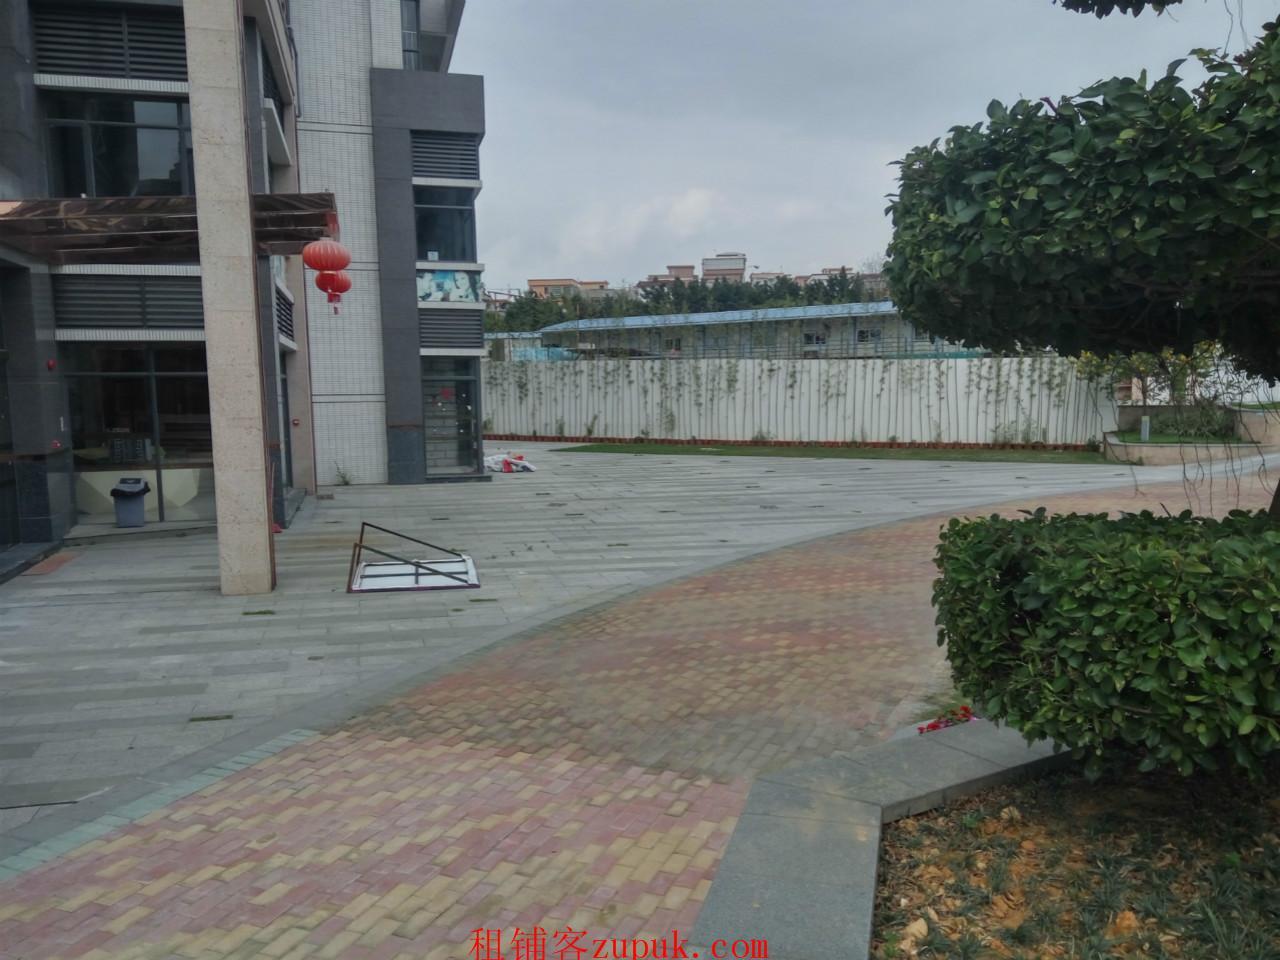 番禺市桥儿童公园旁小区250方临街商铺出租 诚邀早教机构进驻